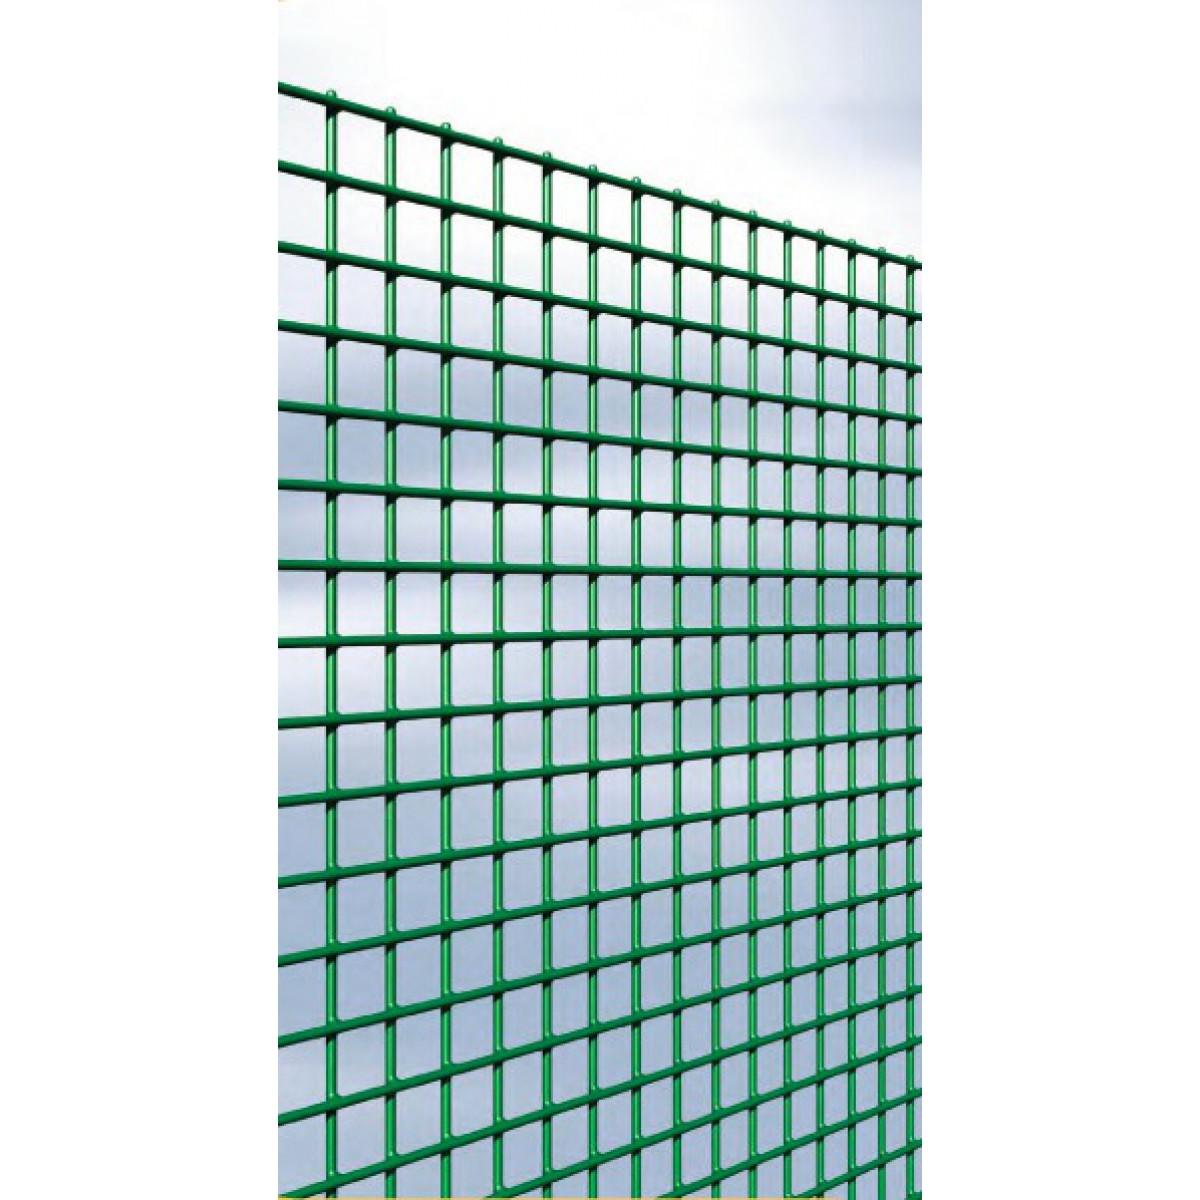 Grillage maille carrée plastifié Cavatorta - Longueur 5 m - Hauteur 1 m - Maille 13 mm